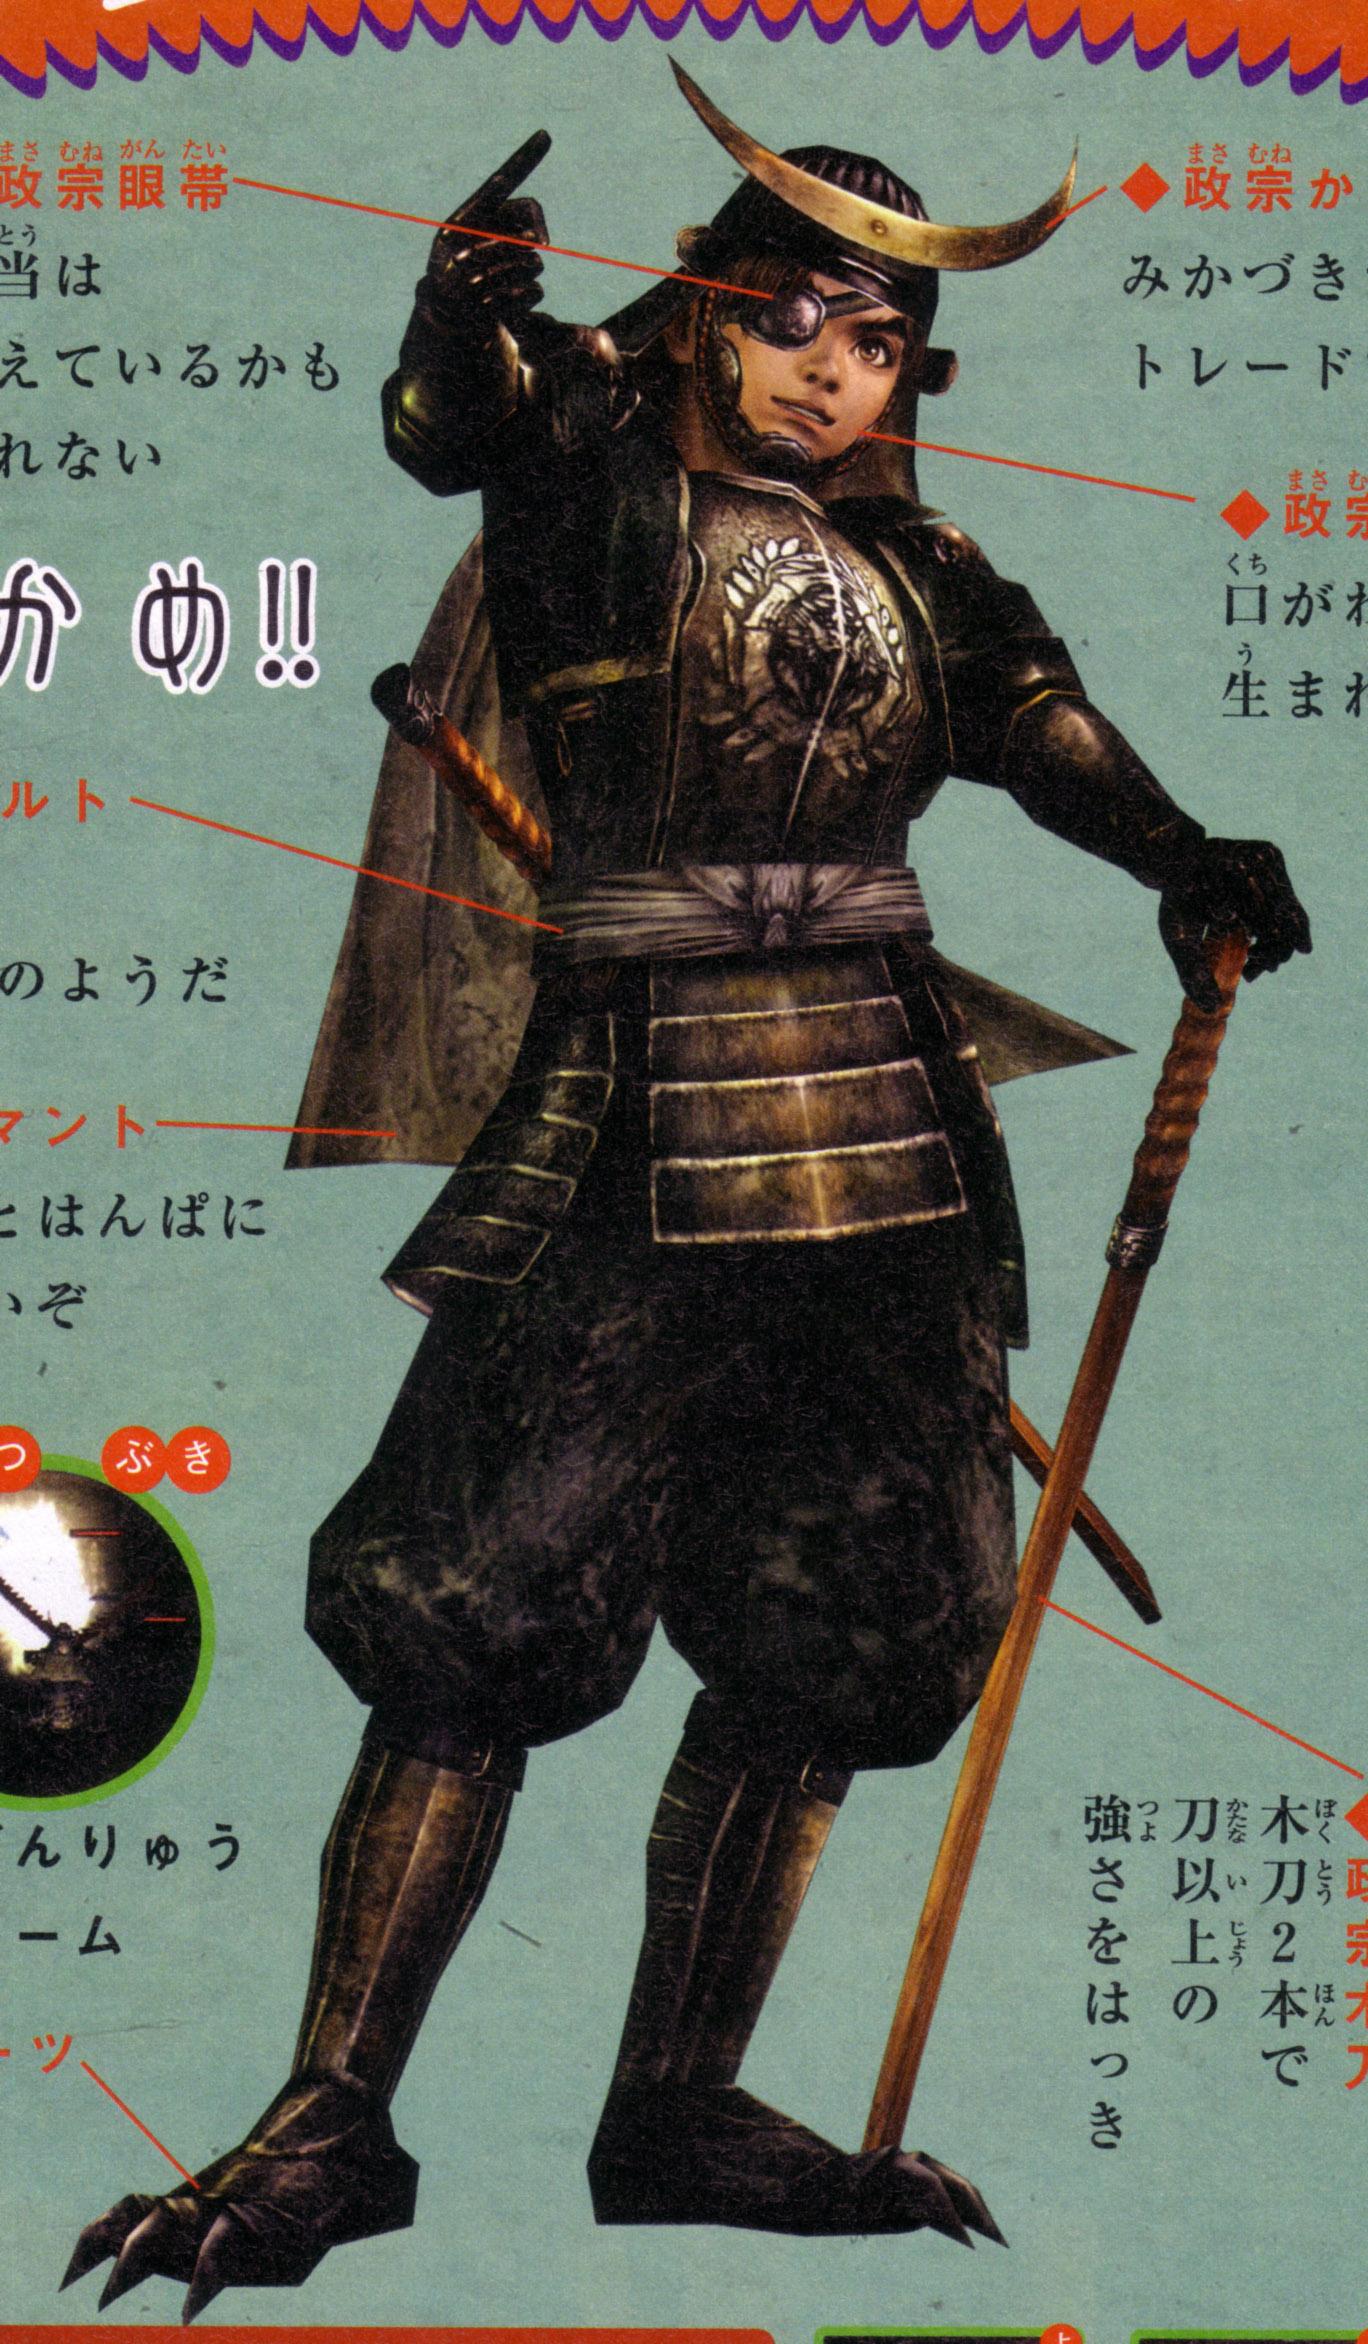 Date Masamune (Sengoku Musou)/#481229 - Zerochan